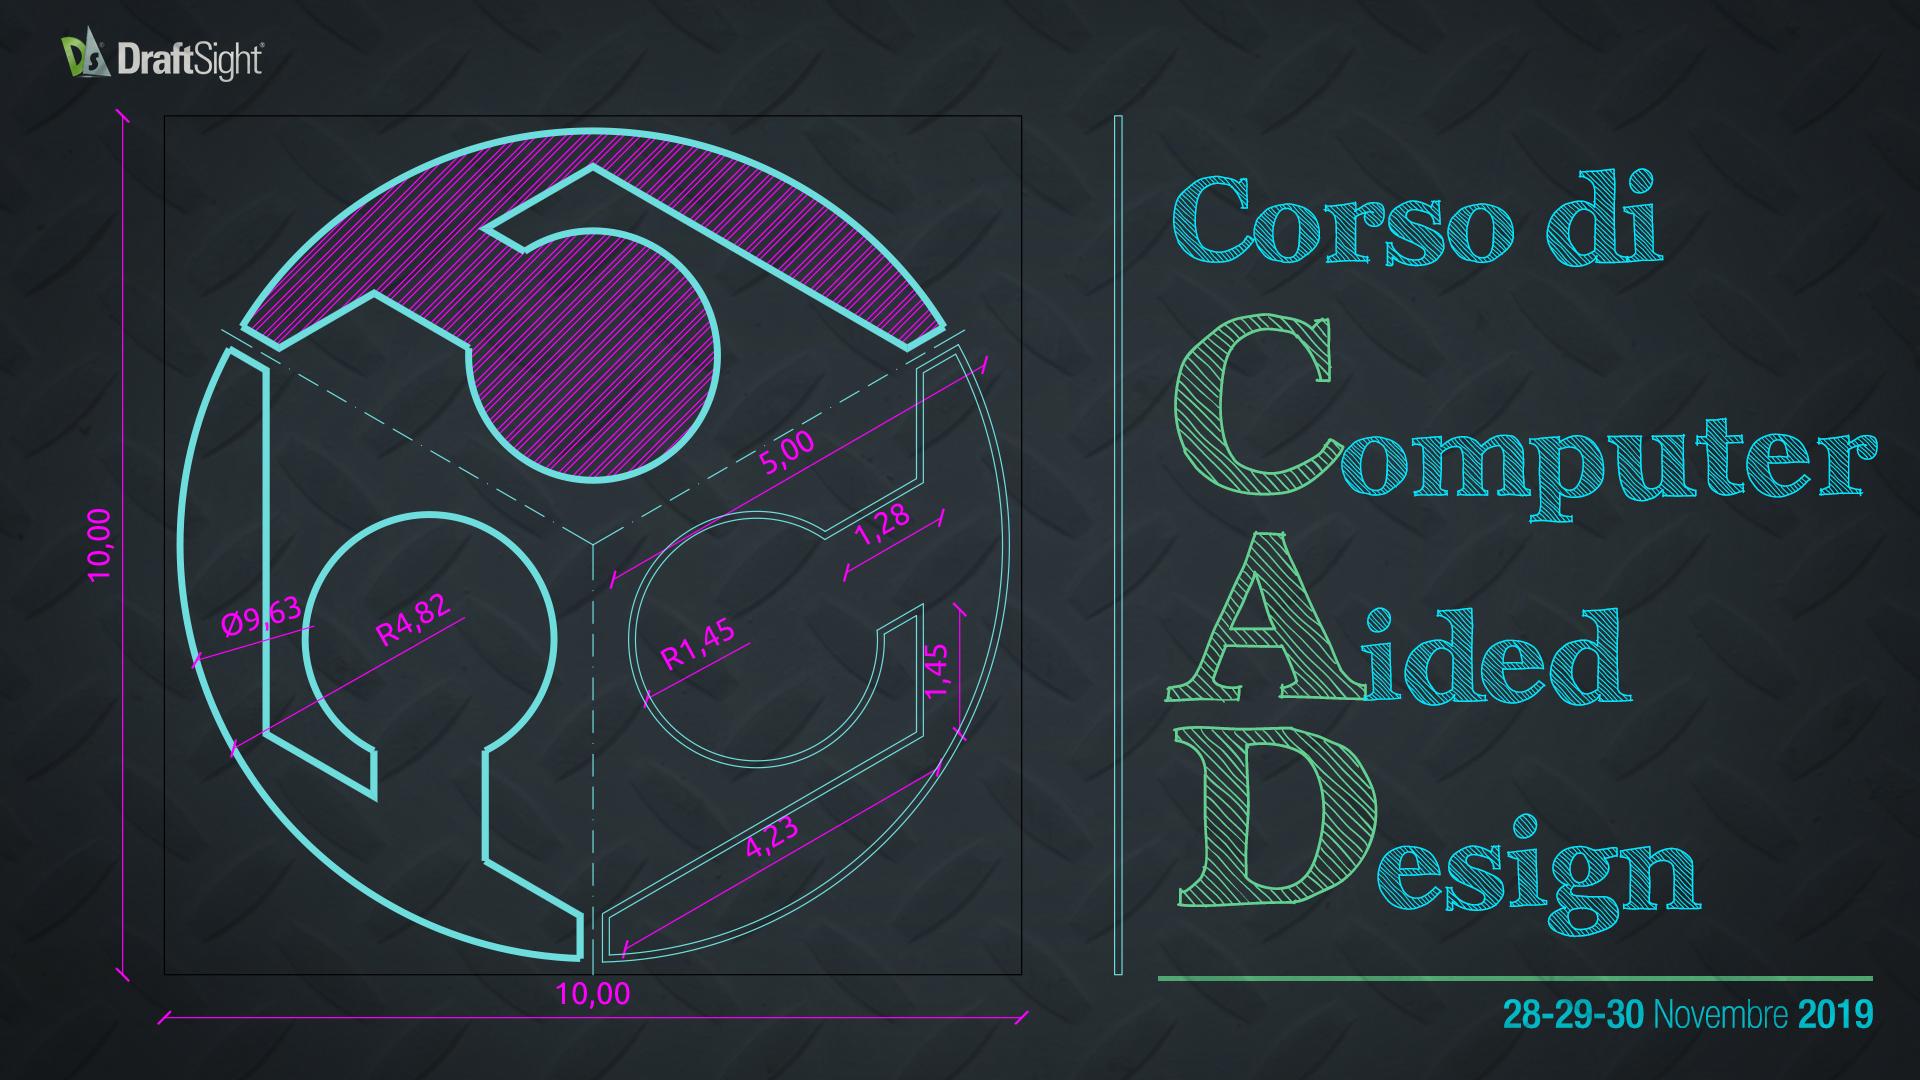 DraftSight – Corso di CAD 2D